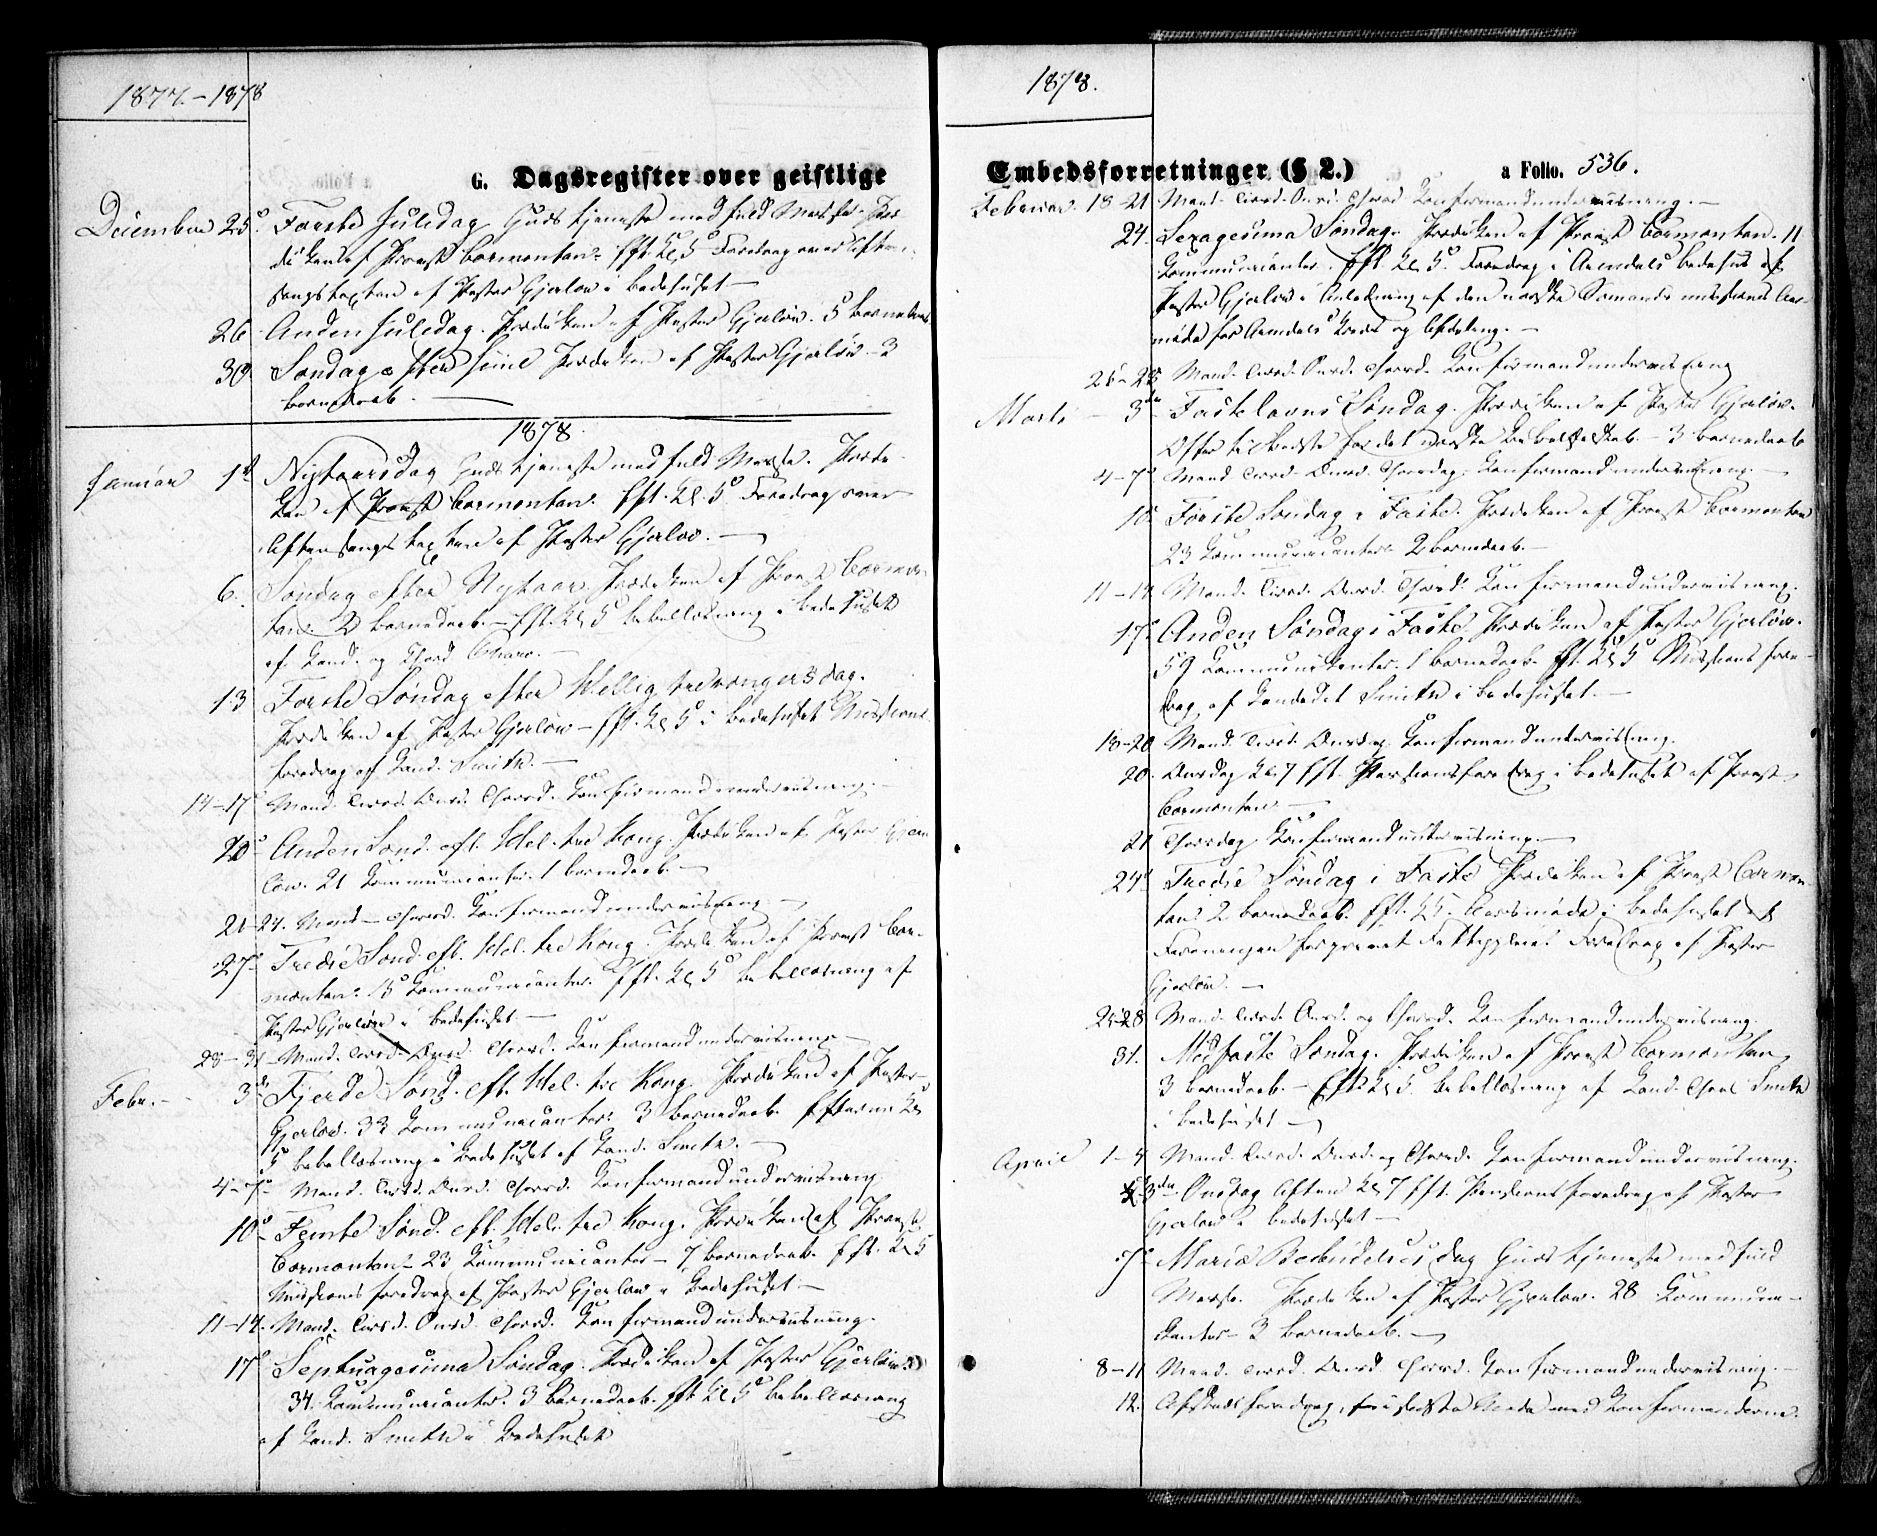 SAK, Arendal sokneprestkontor, Trefoldighet, F/Fa/L0007: Ministerialbok nr. A 7, 1868-1878, s. 536